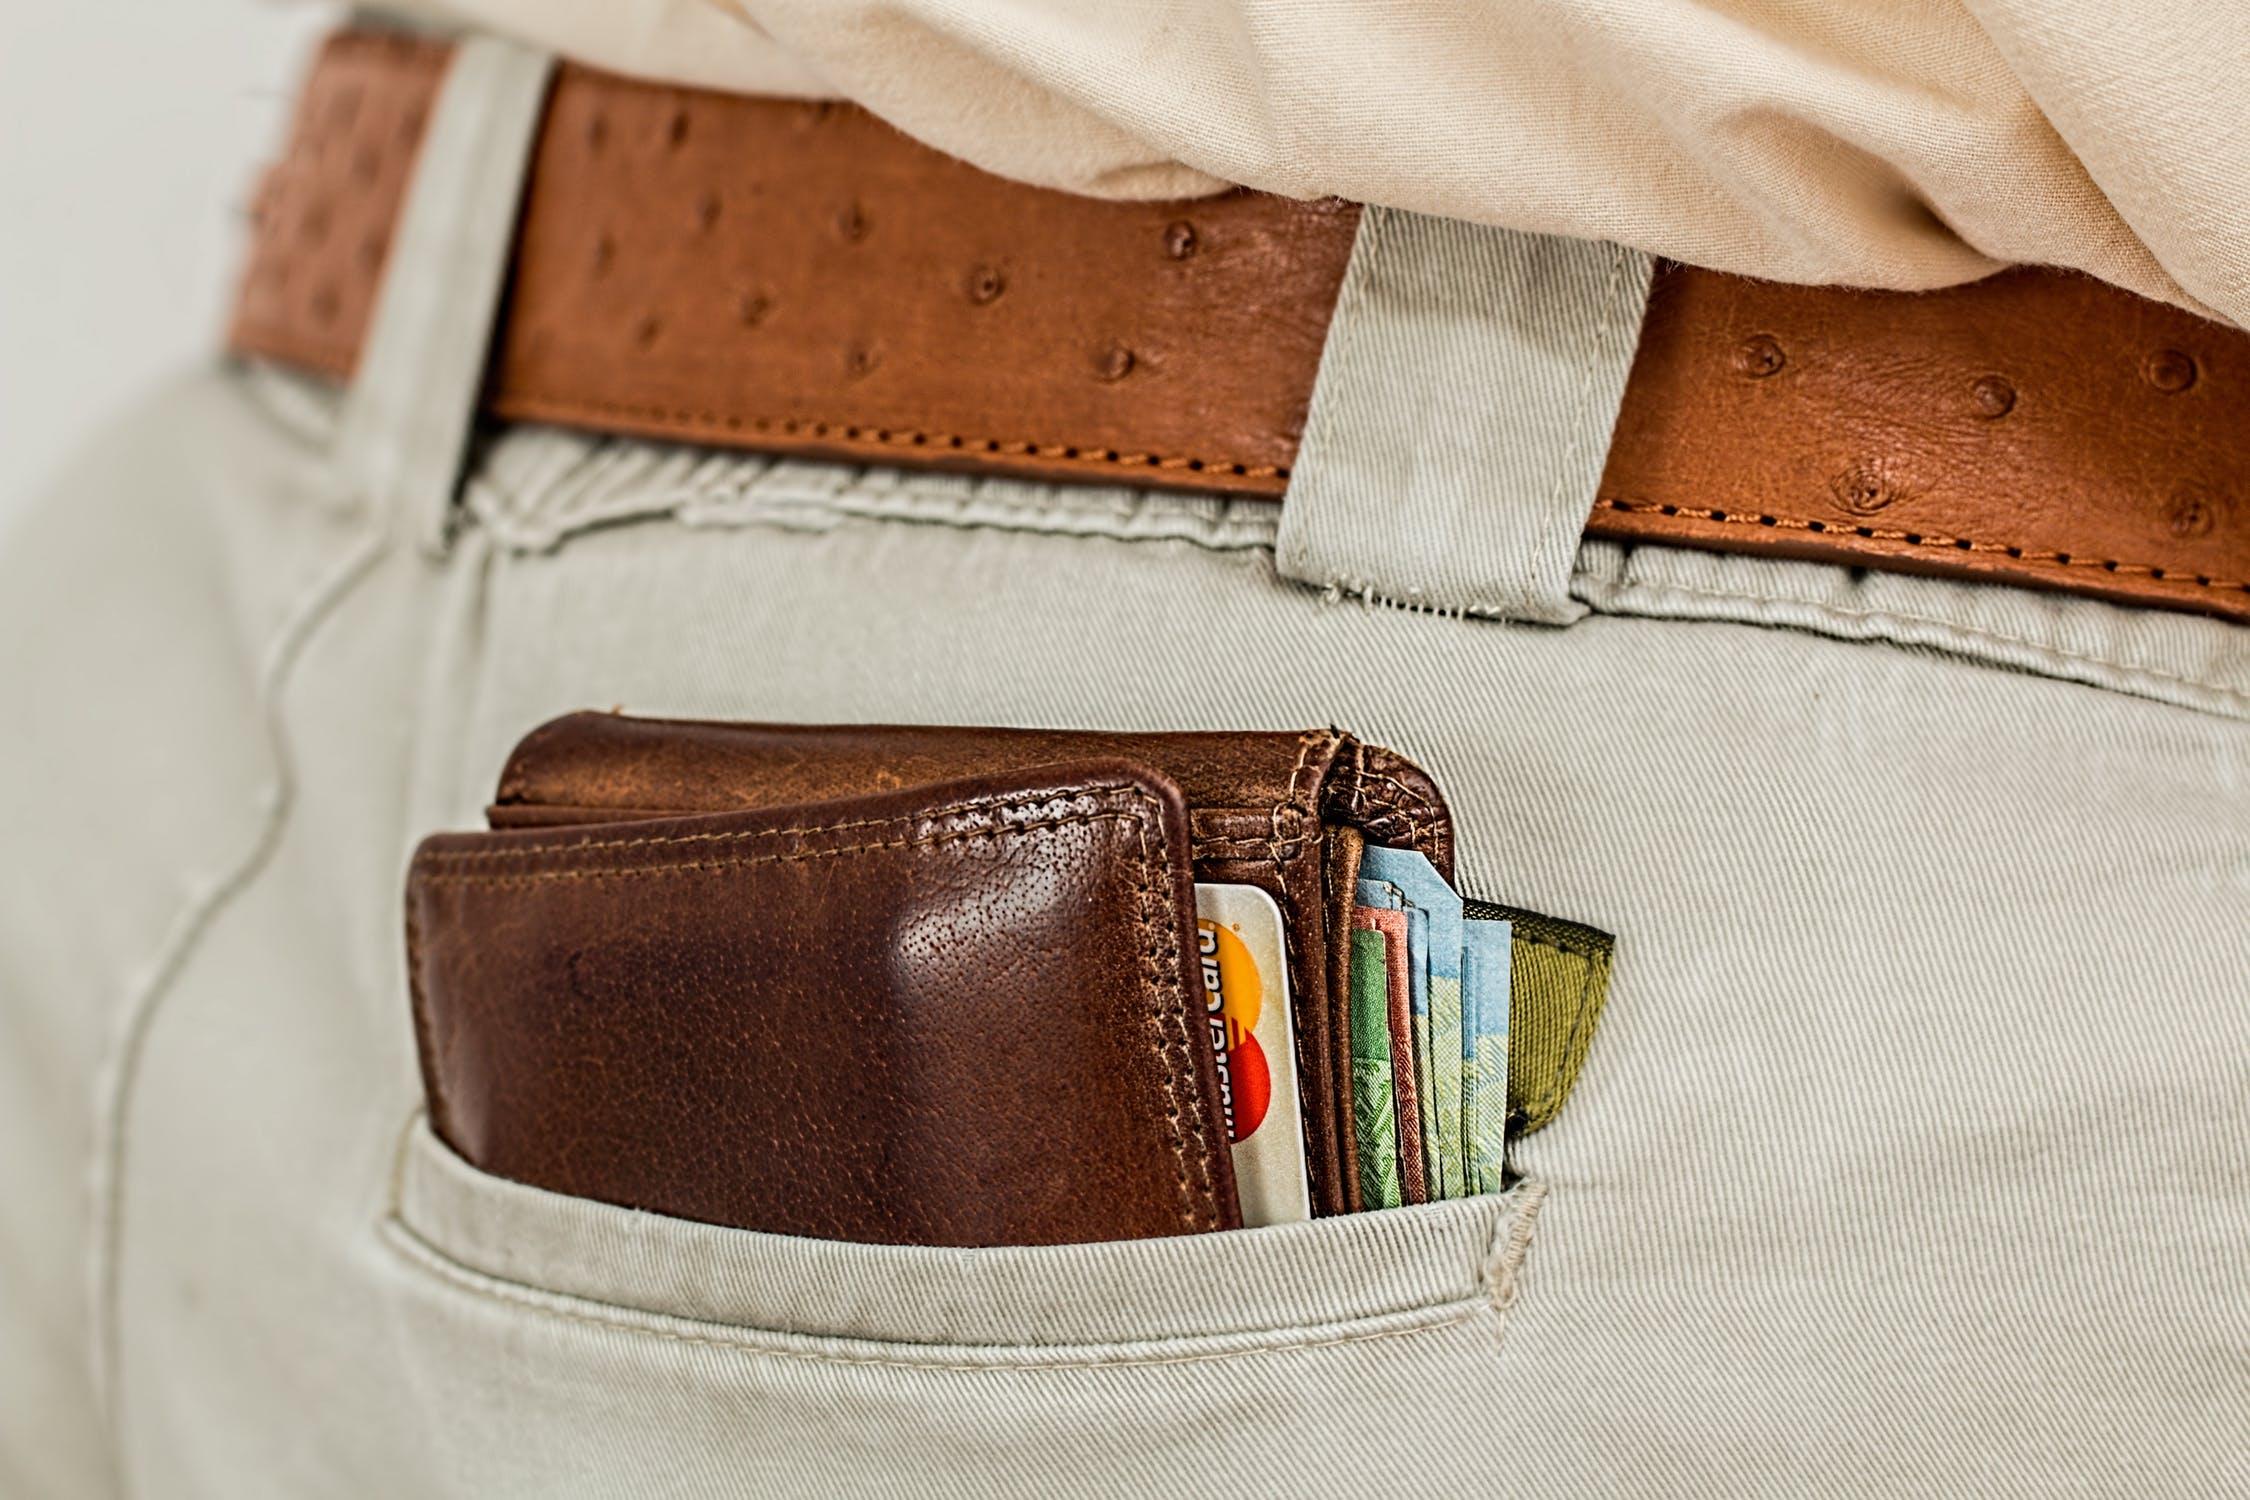 wallet-cash-credit-card-pocket.jpg